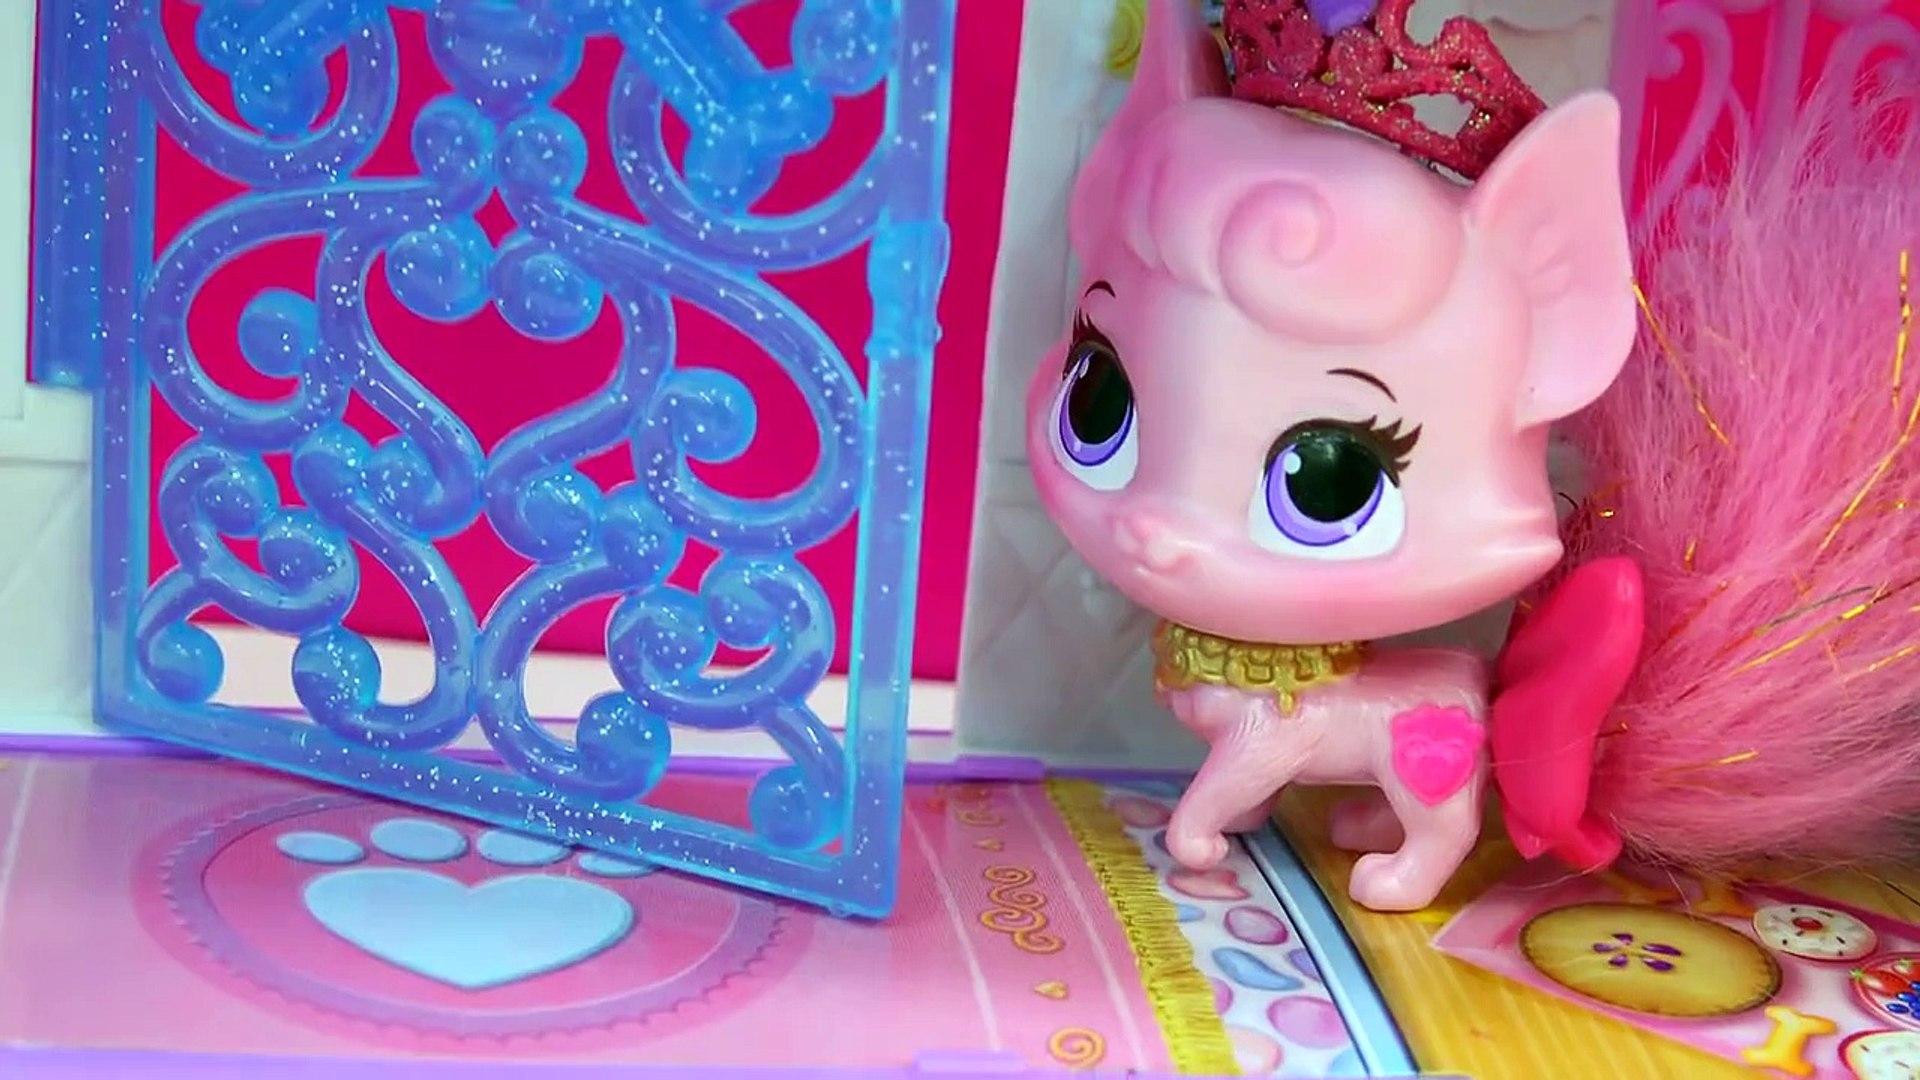 Littlest Pet Shop Glitter Pets Exclusive LPS Set Unboxing at Disney Princess Palace Pets C